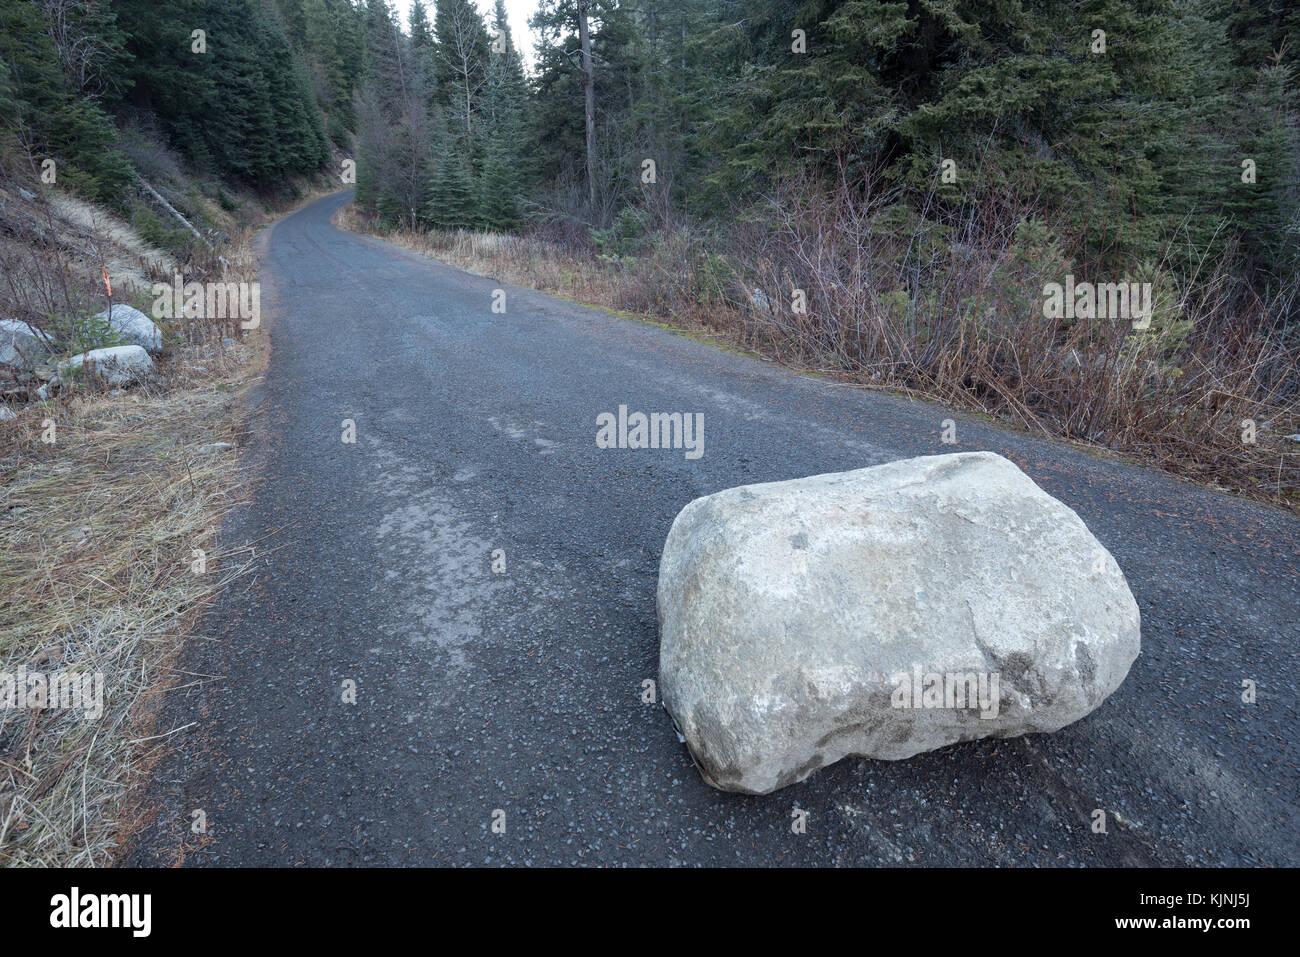 Gefallenen Boulder auf einer Straße in Wallowa - Whitman National Forest, Oregon. Stockbild